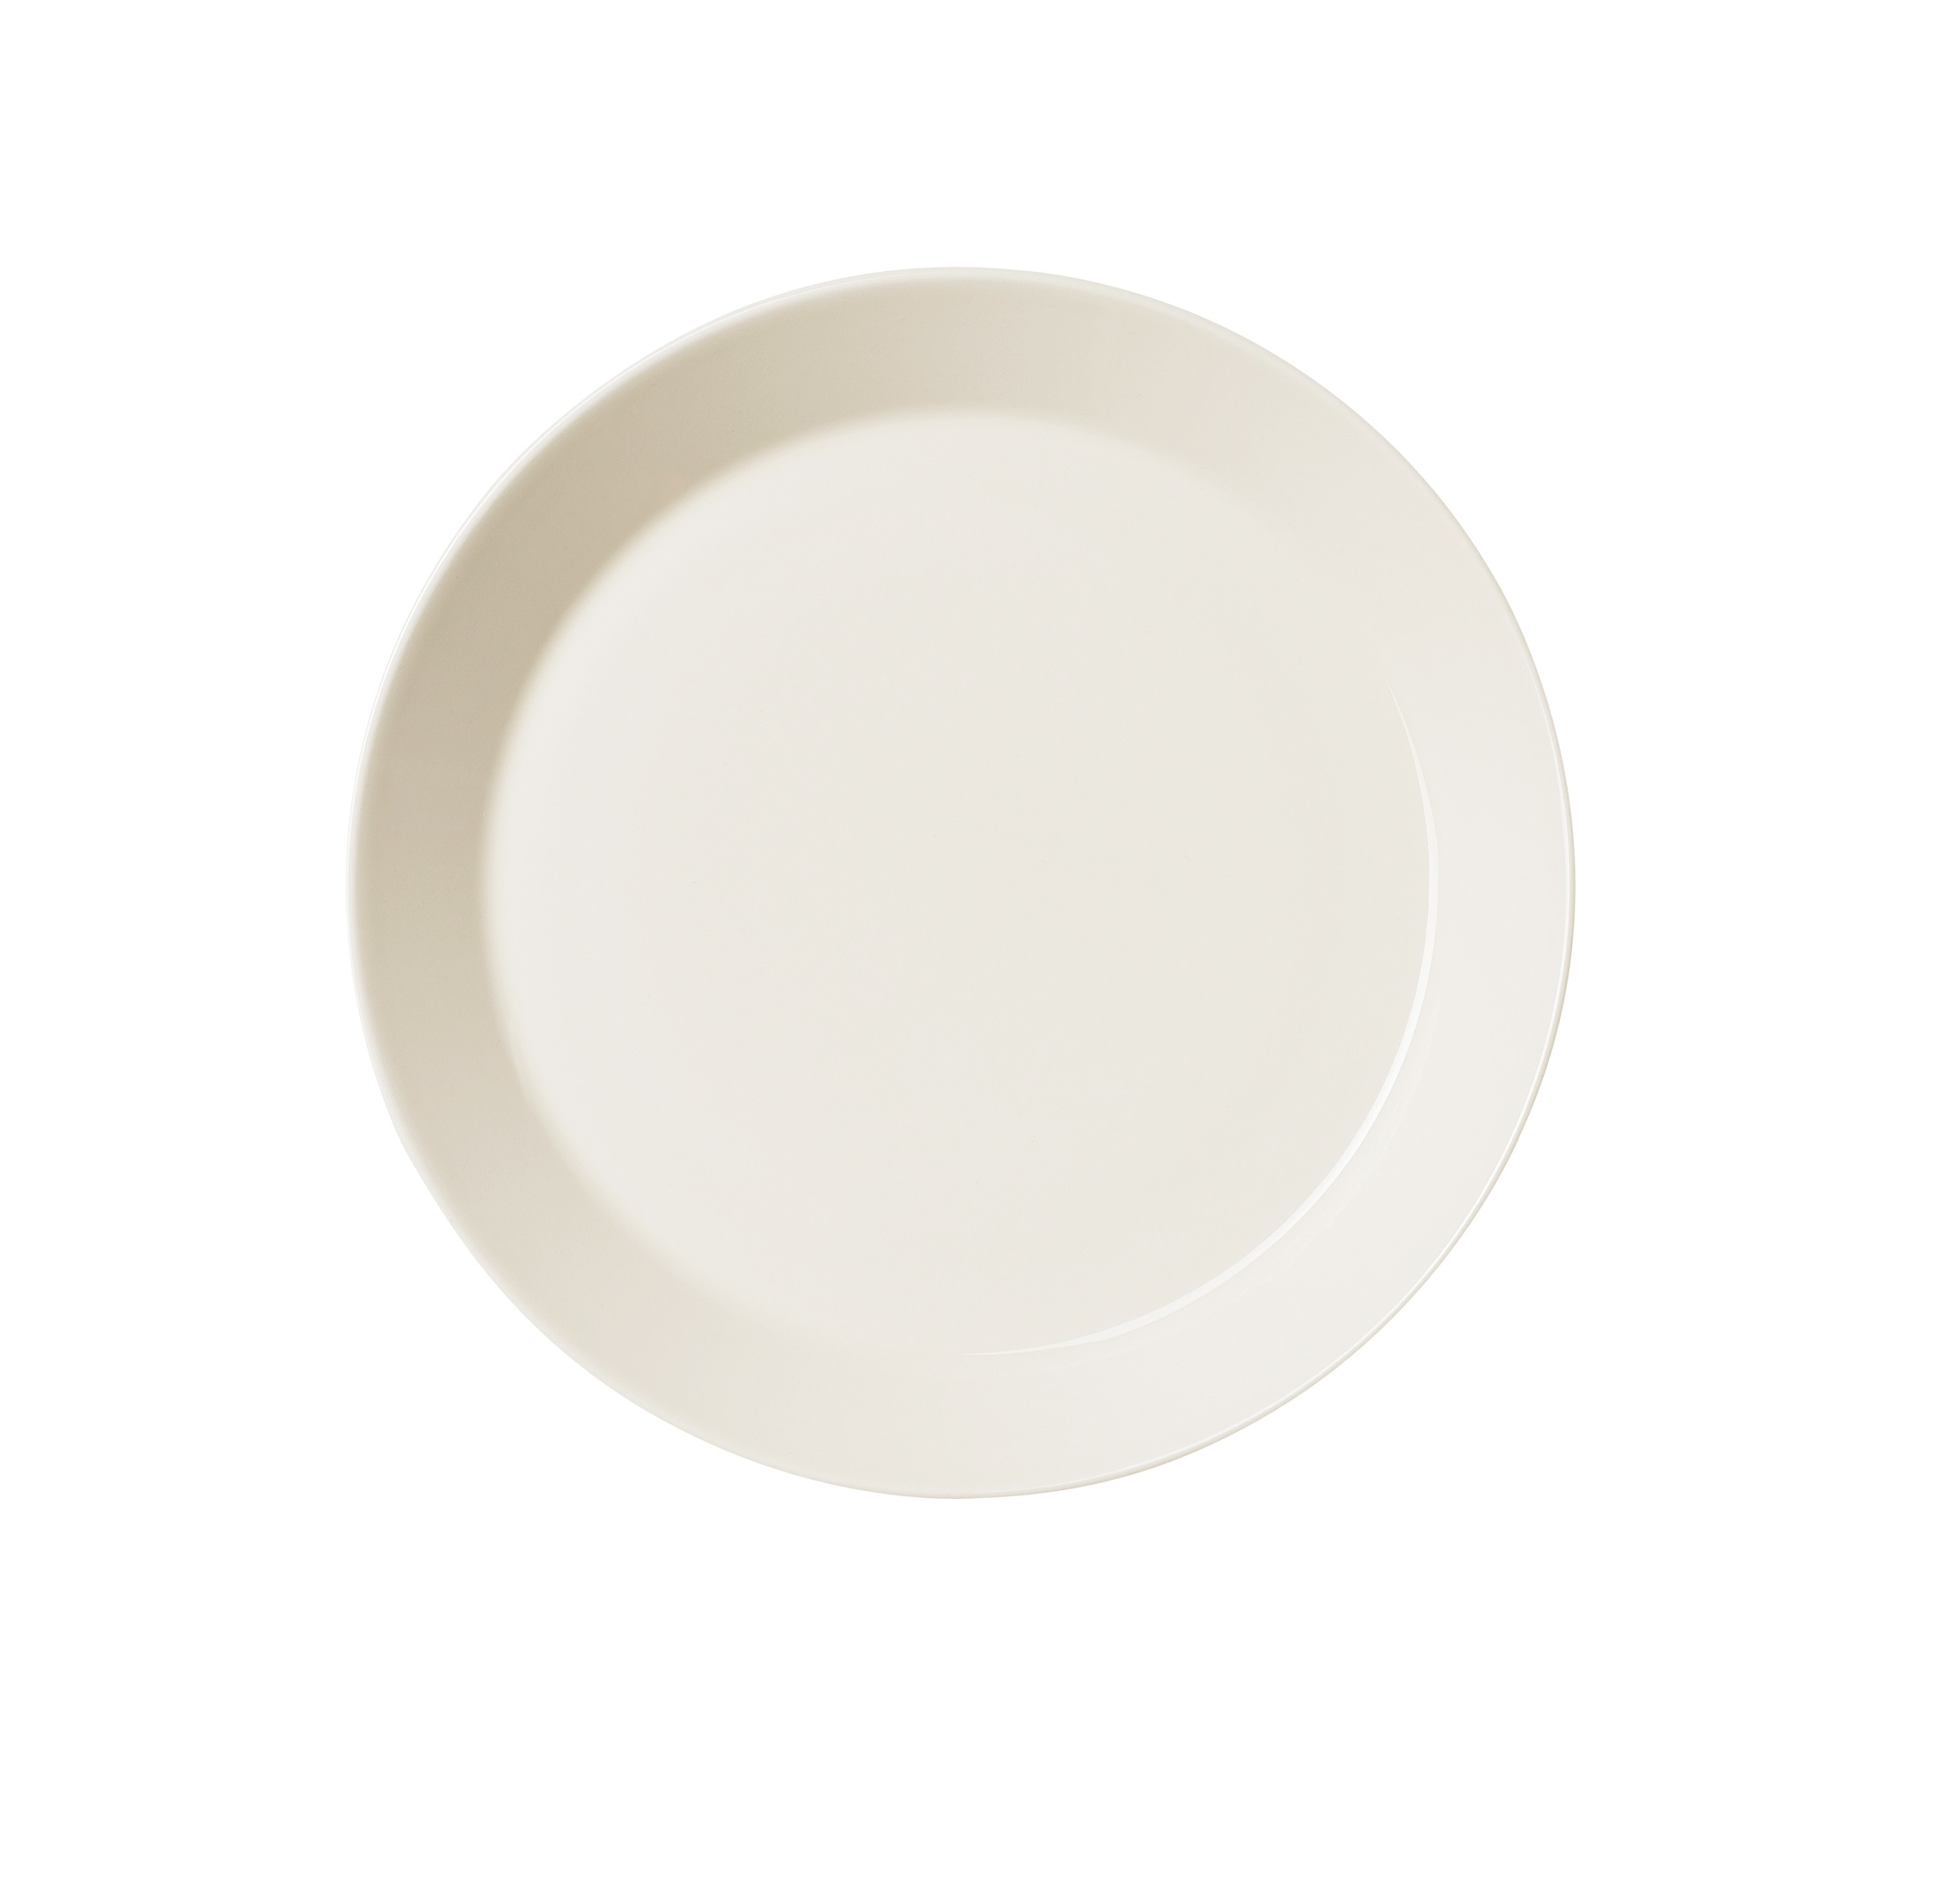 Тарелка TeemaТарелки<br>Teema - это классика дизайна Iittala, каждый продукт имеет чёткие геометрические формы: круг, квадрат и прямоугольник. Как говорит Кай Франк: «Цвет является единственным украшением». Посуда серии Teema является универсальной, её можно комбинировать с любой серией Iittala. Она практична и лаконична.<br><br>Material: Фарфор<br>Length см: None<br>Width см: None<br>Depth см: None<br>Height см: 2<br>Diameter см: 21